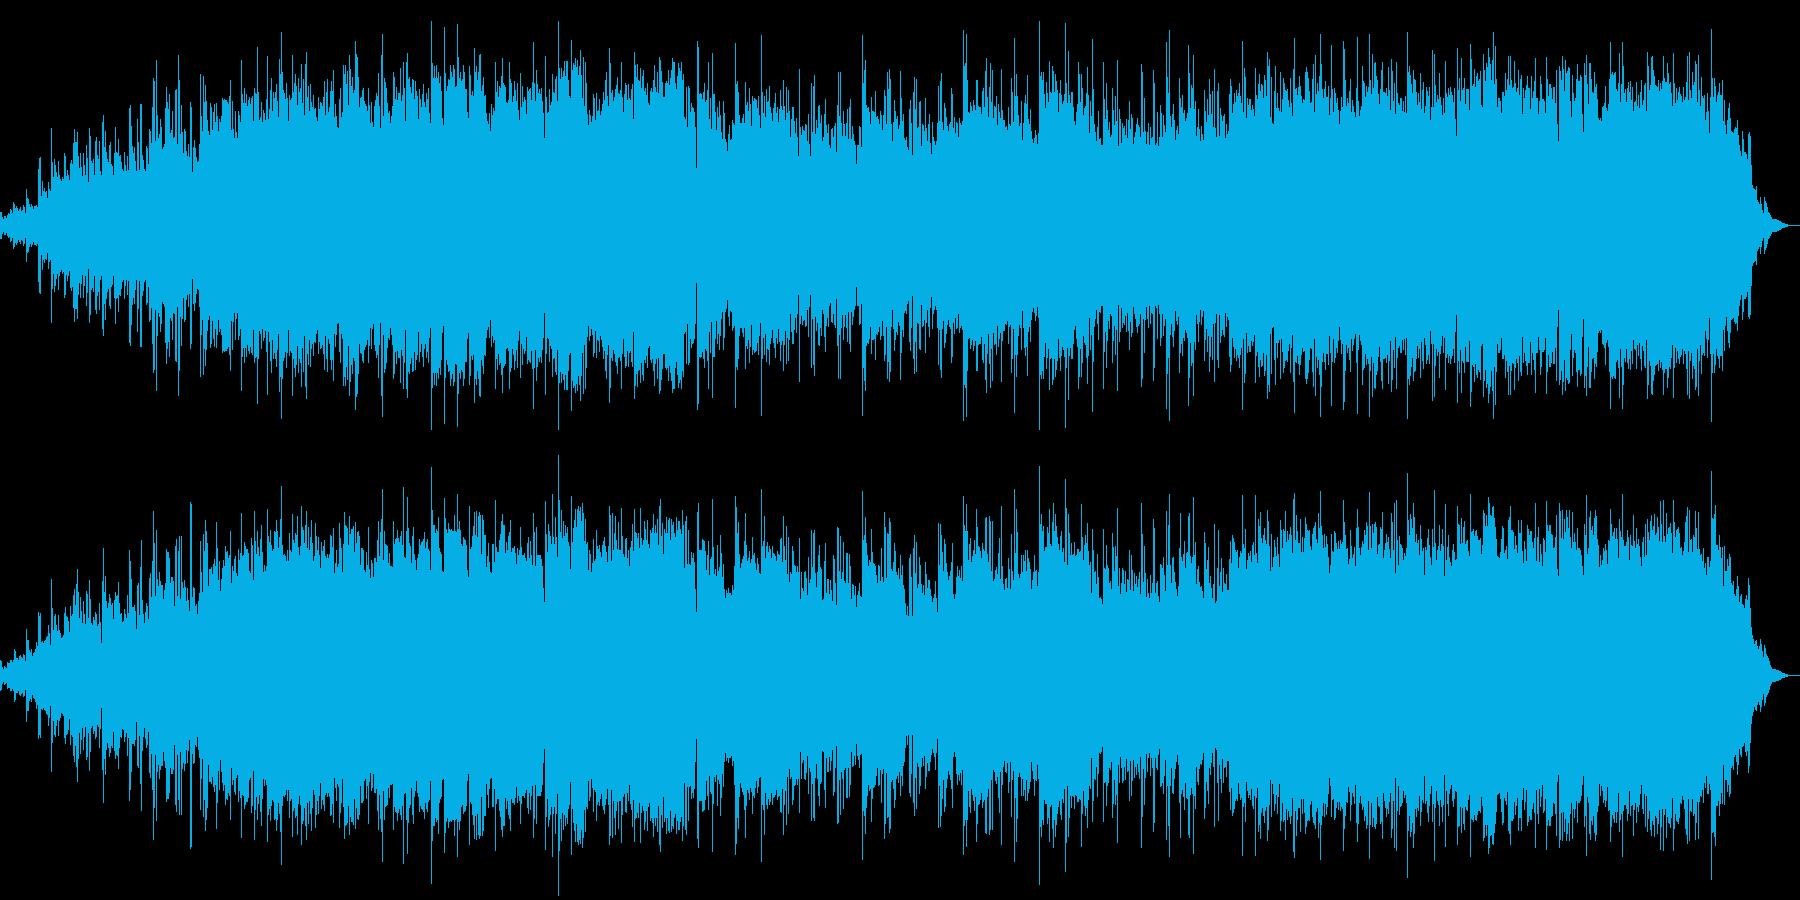 気持ちの和らぐポップスの再生済みの波形